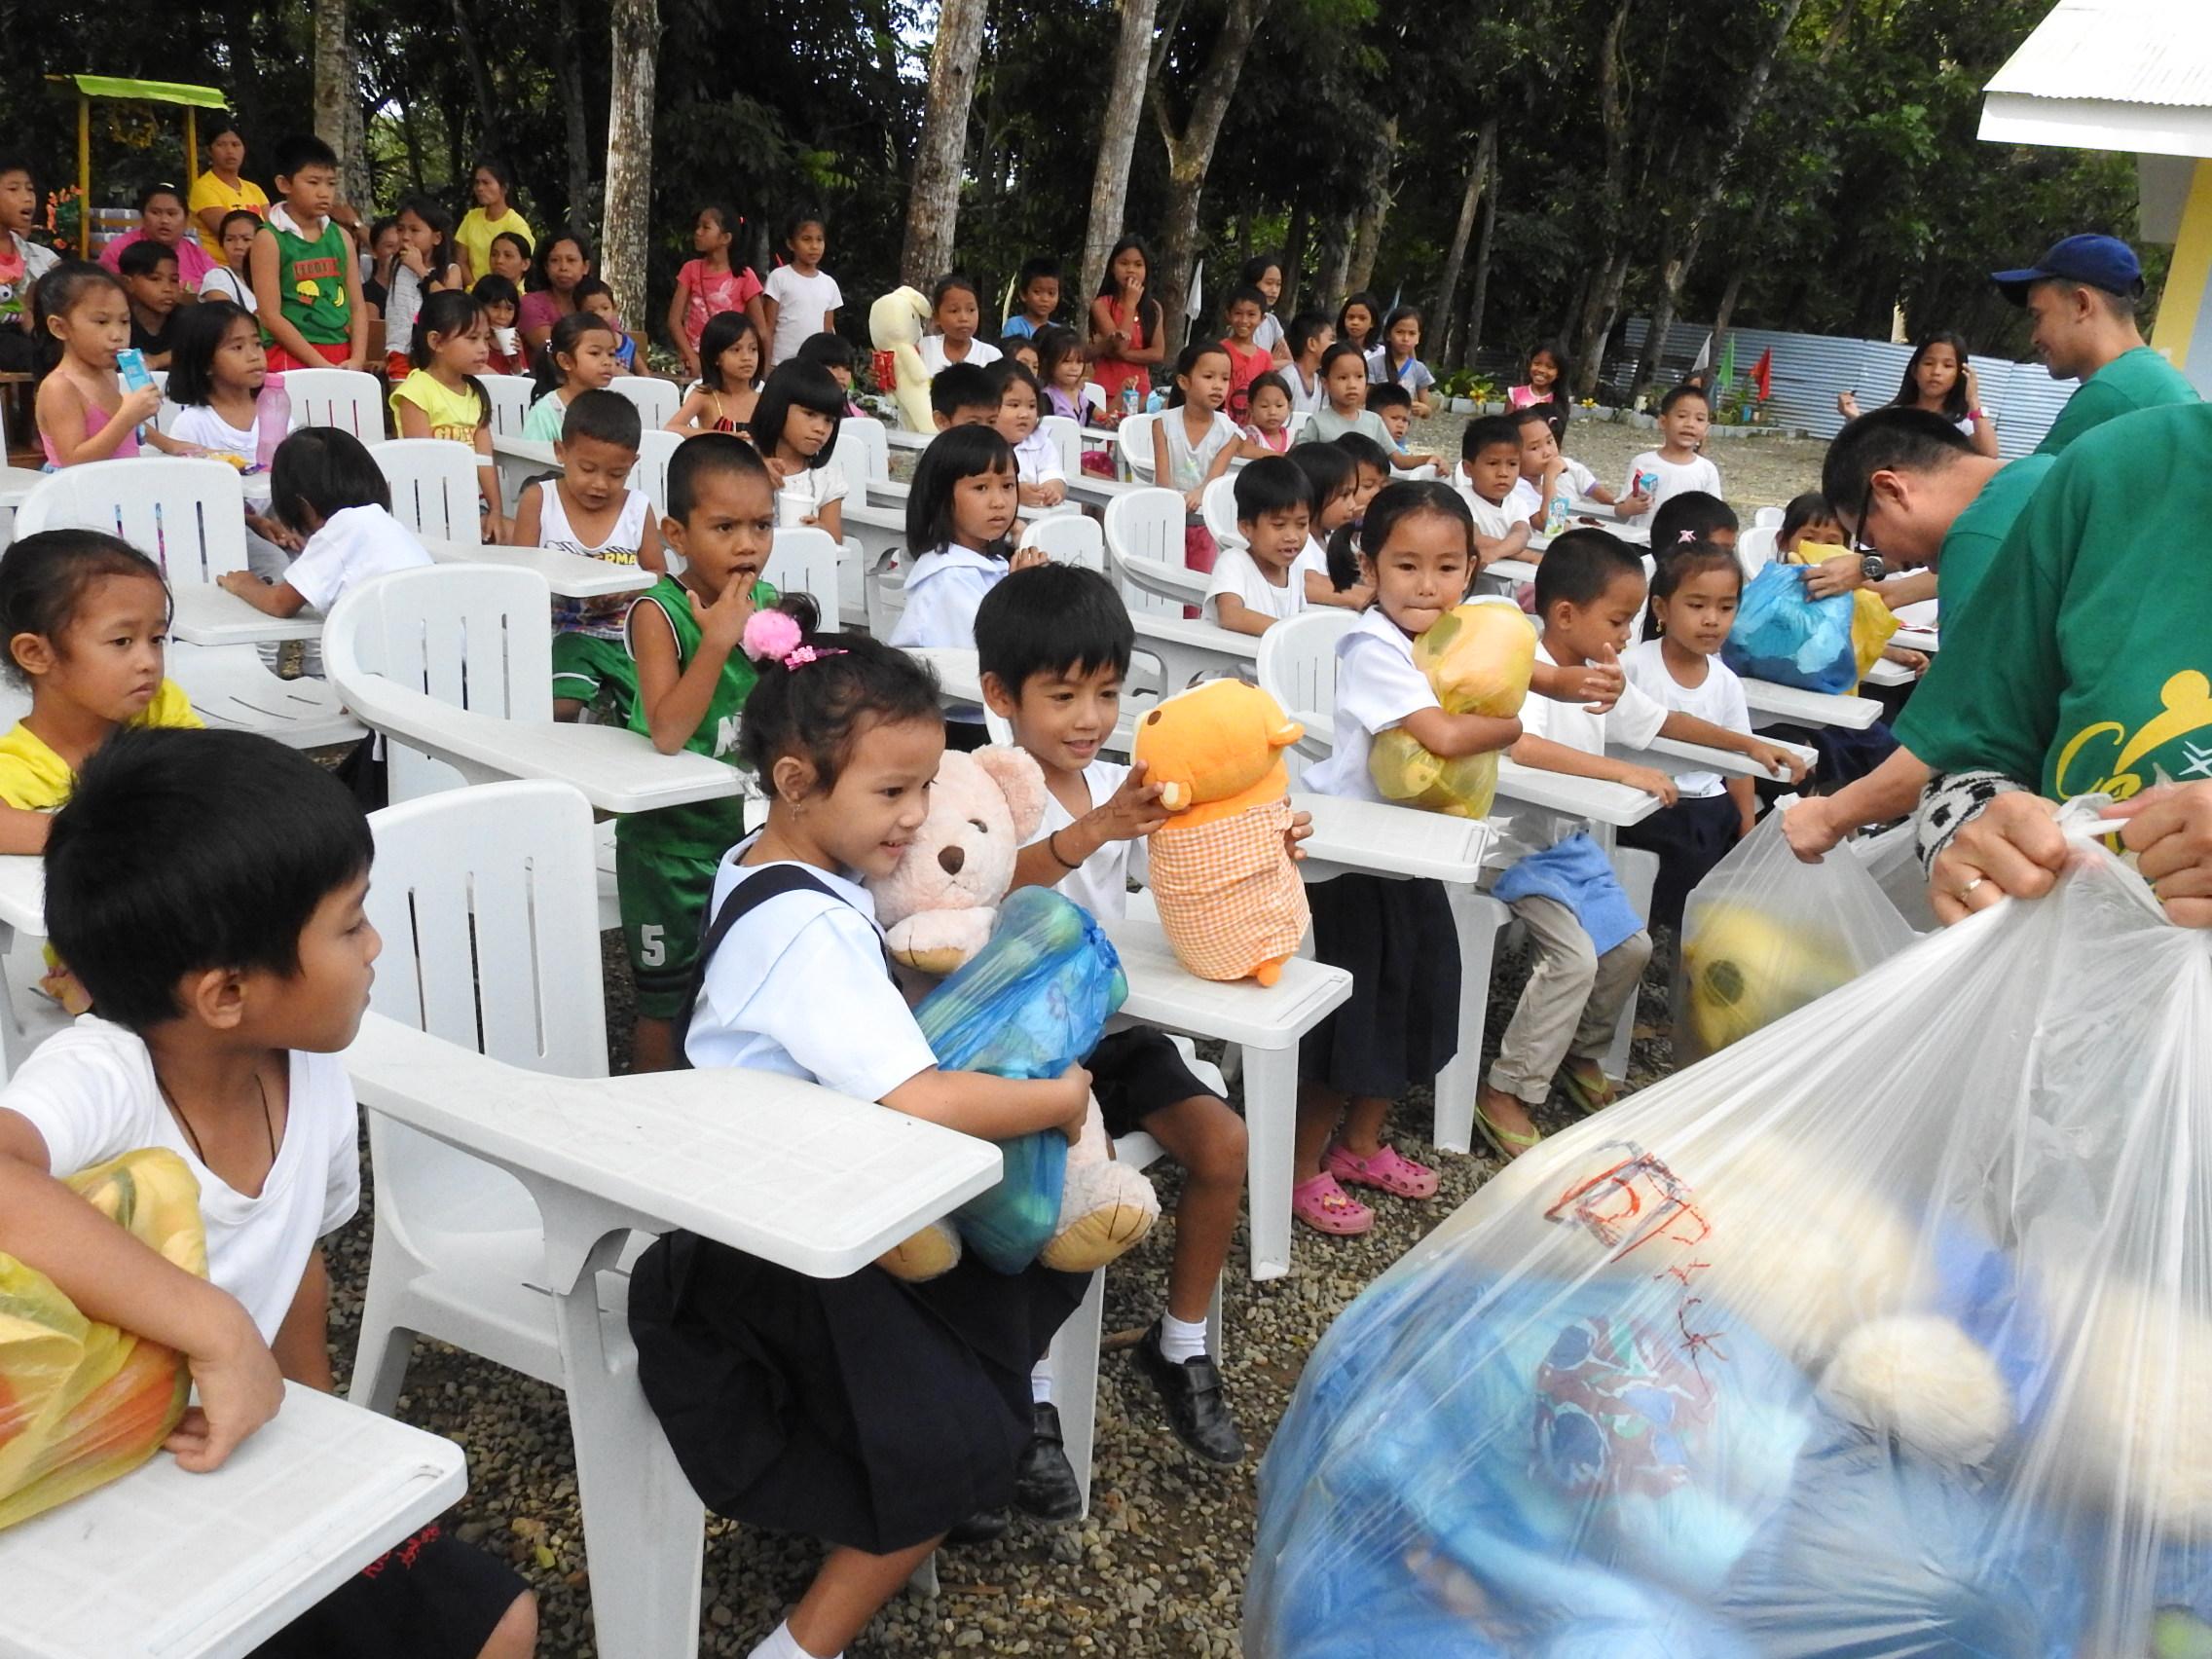 フィリピンの子どもたちへ段ボール25箱の衣類等を寄付